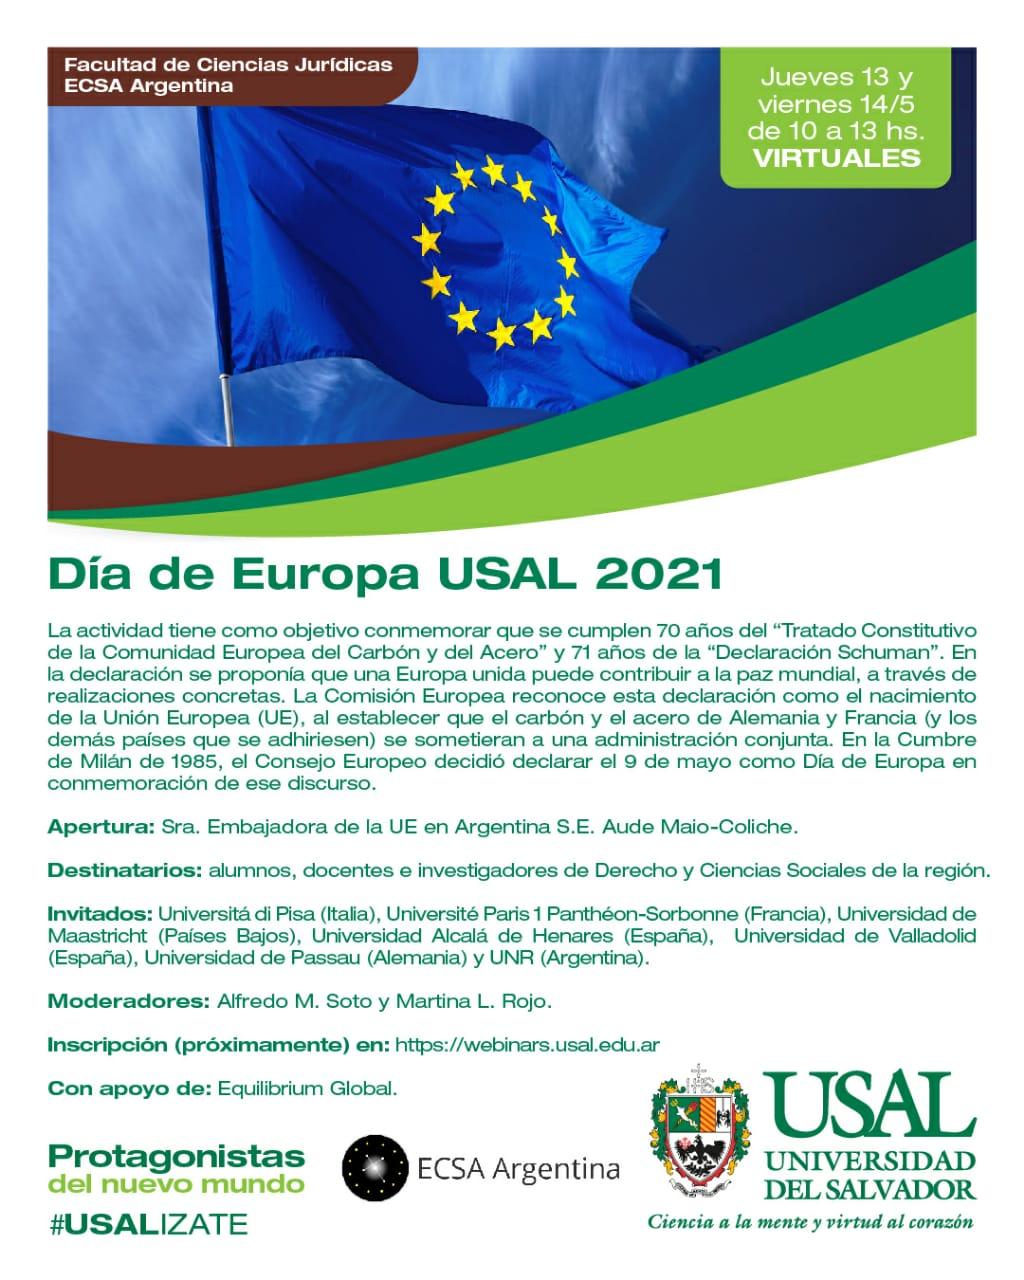 DÍA DE EUROPA USAL 2021